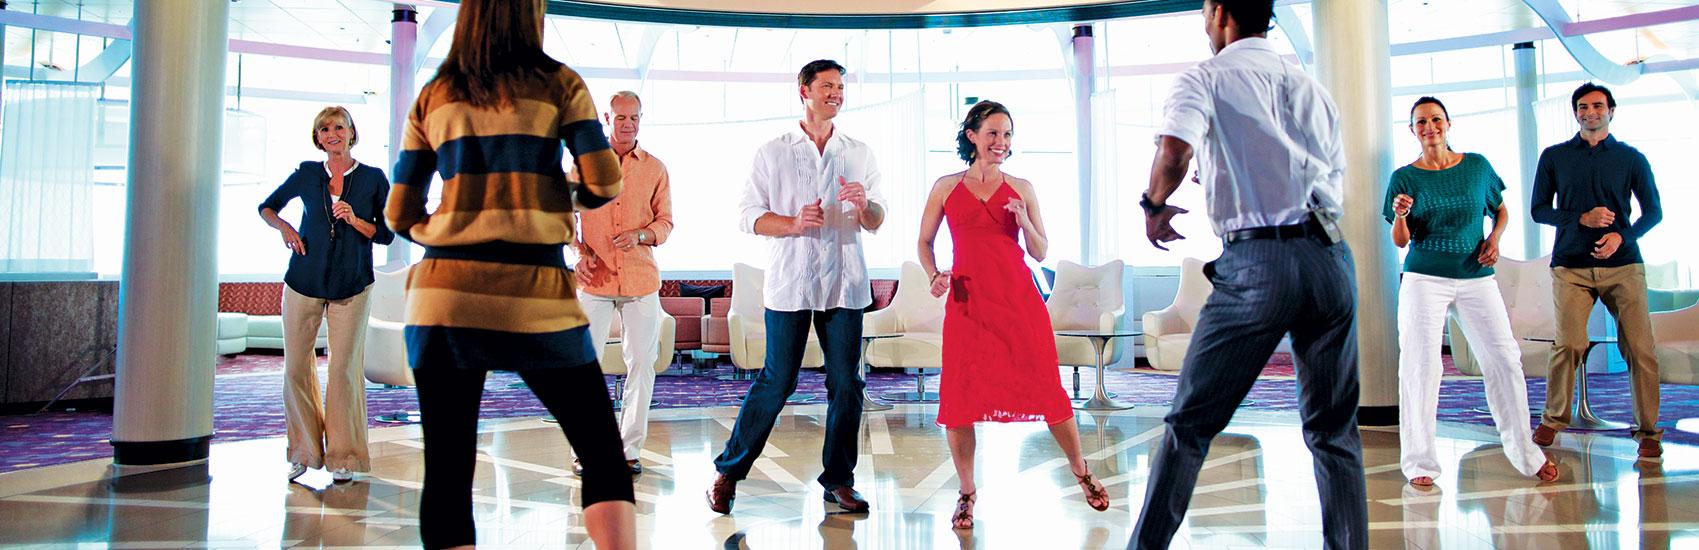 Une infinité d'activités avec Celebrity Cruises 1